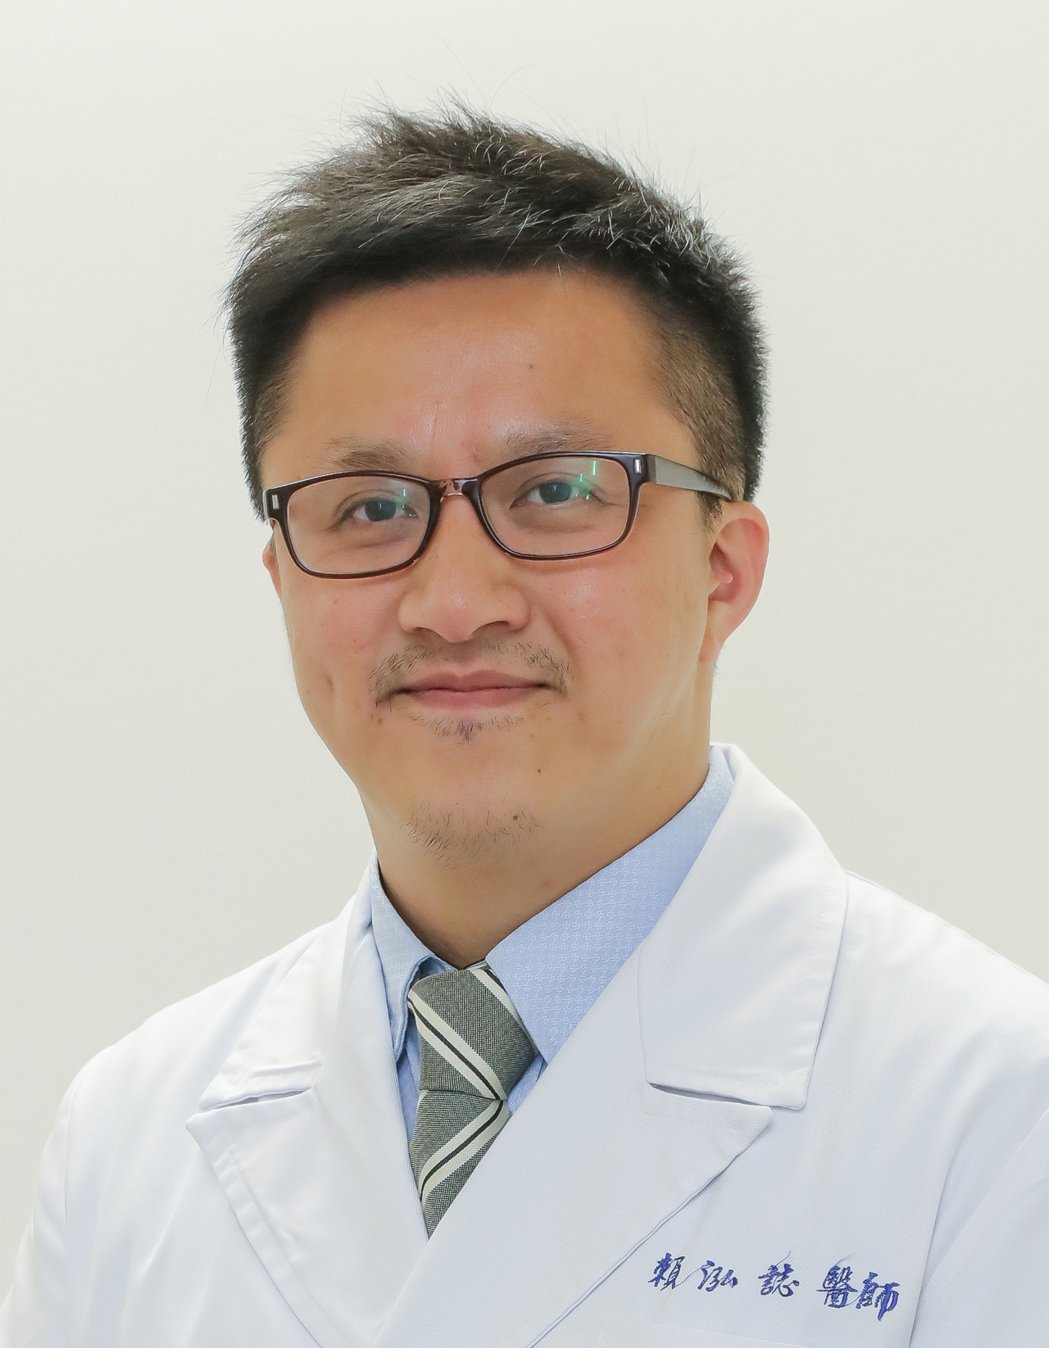 新光醫院賴泓誌主任表示,免疫細胞治療是新的治療方式,病患可以維持好的生活品質。